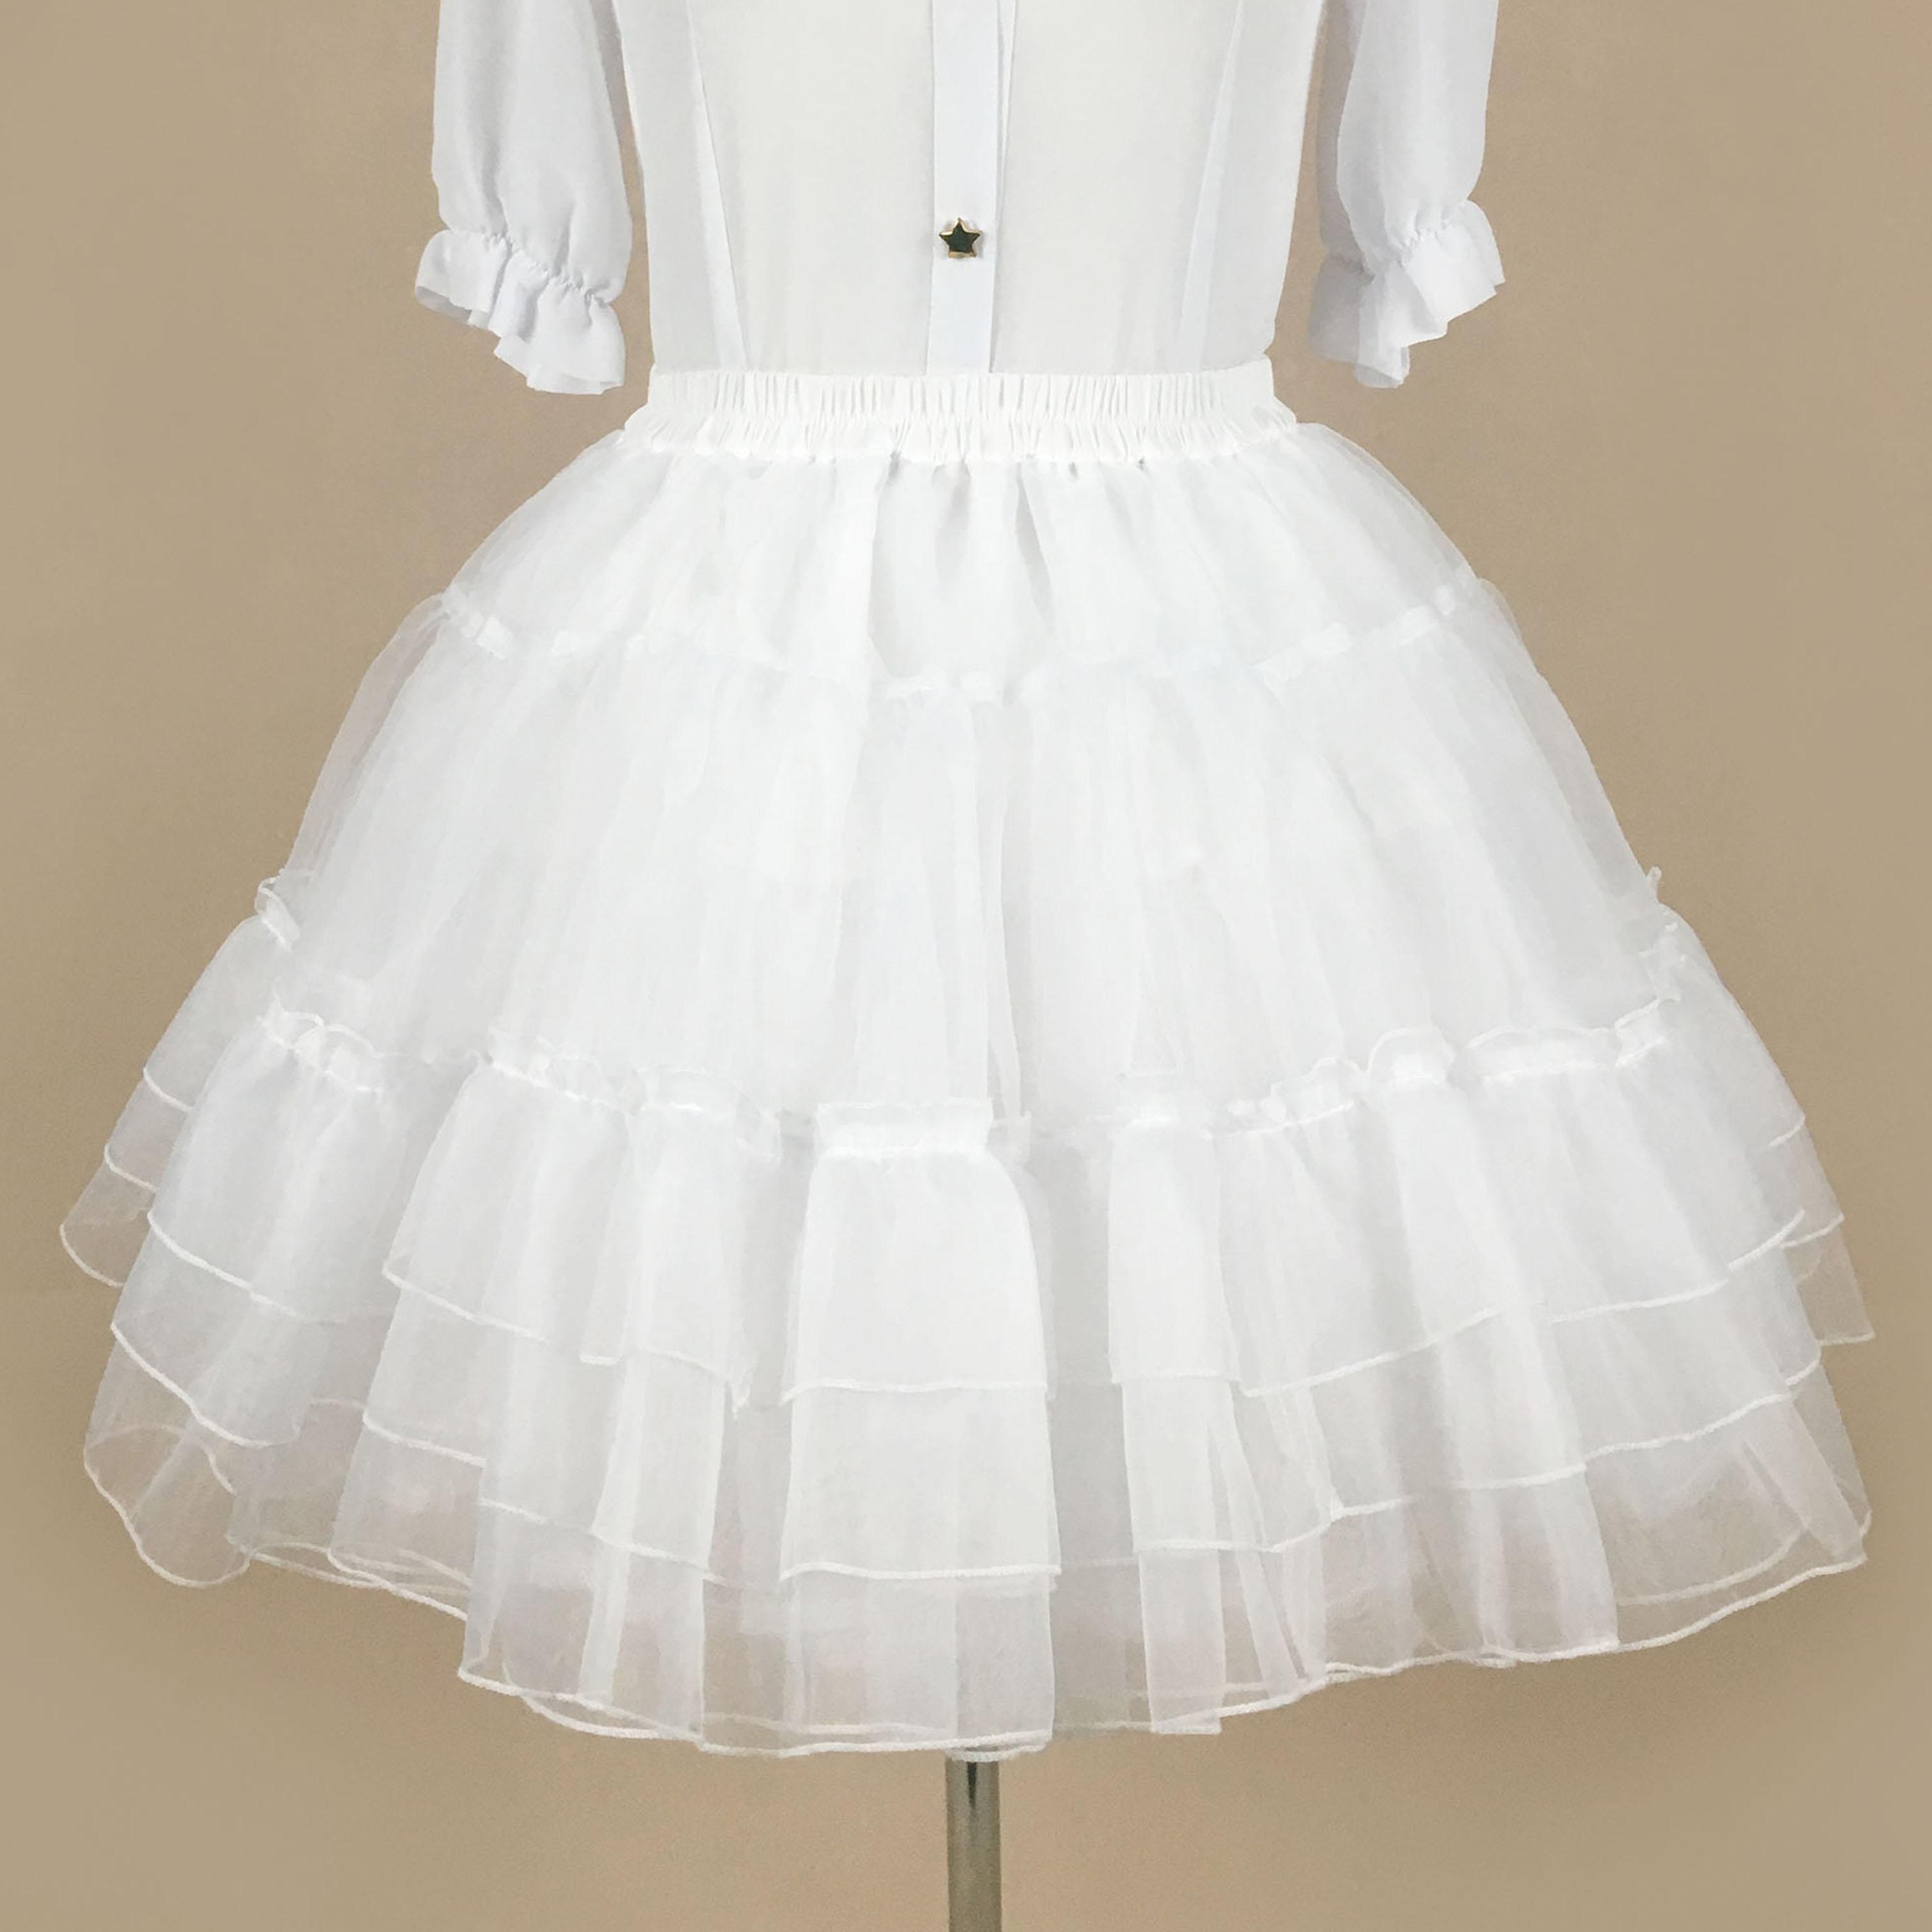 裙撑lolita日常白色暴力无骨撑洛丽塔水晶软纱蓬蓬裙cos百搭衬裙